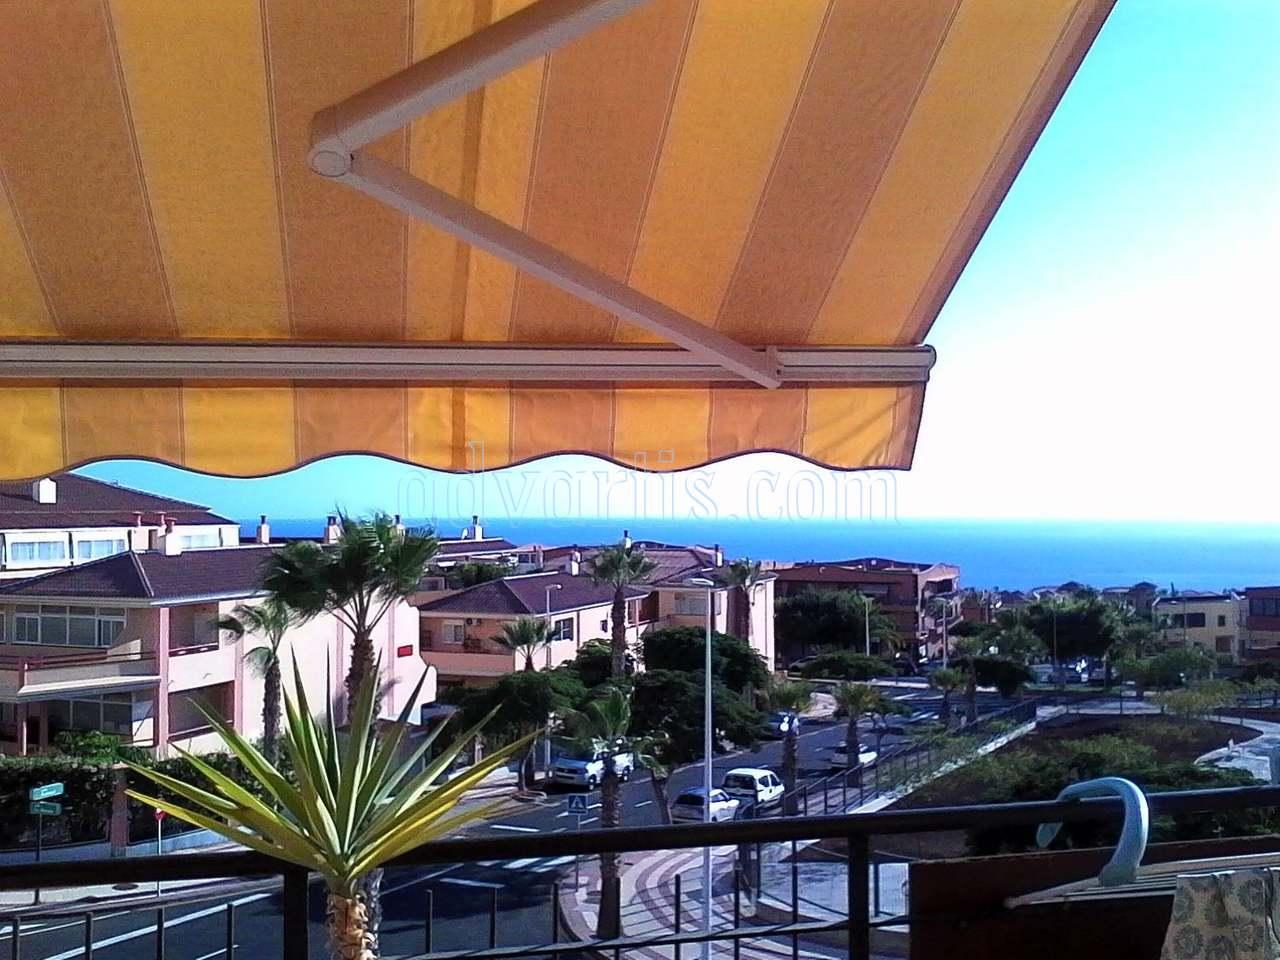 2 bedroom apartment for sale in Adeje, Tenerife €230.000